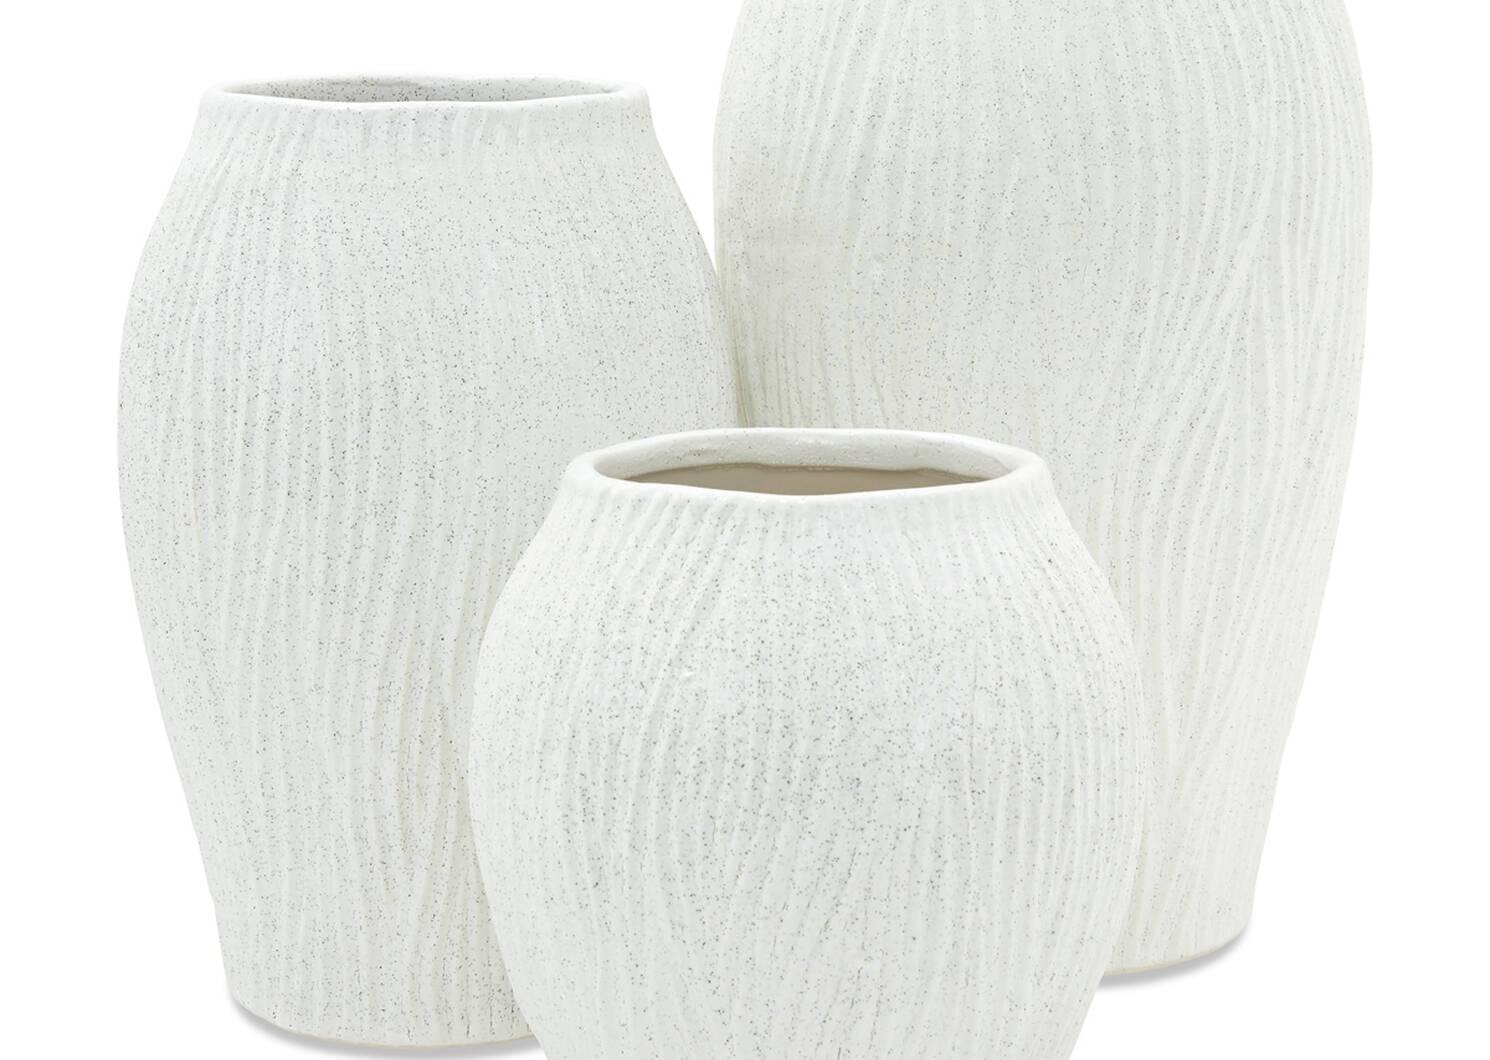 Petit vase Gianna blanc